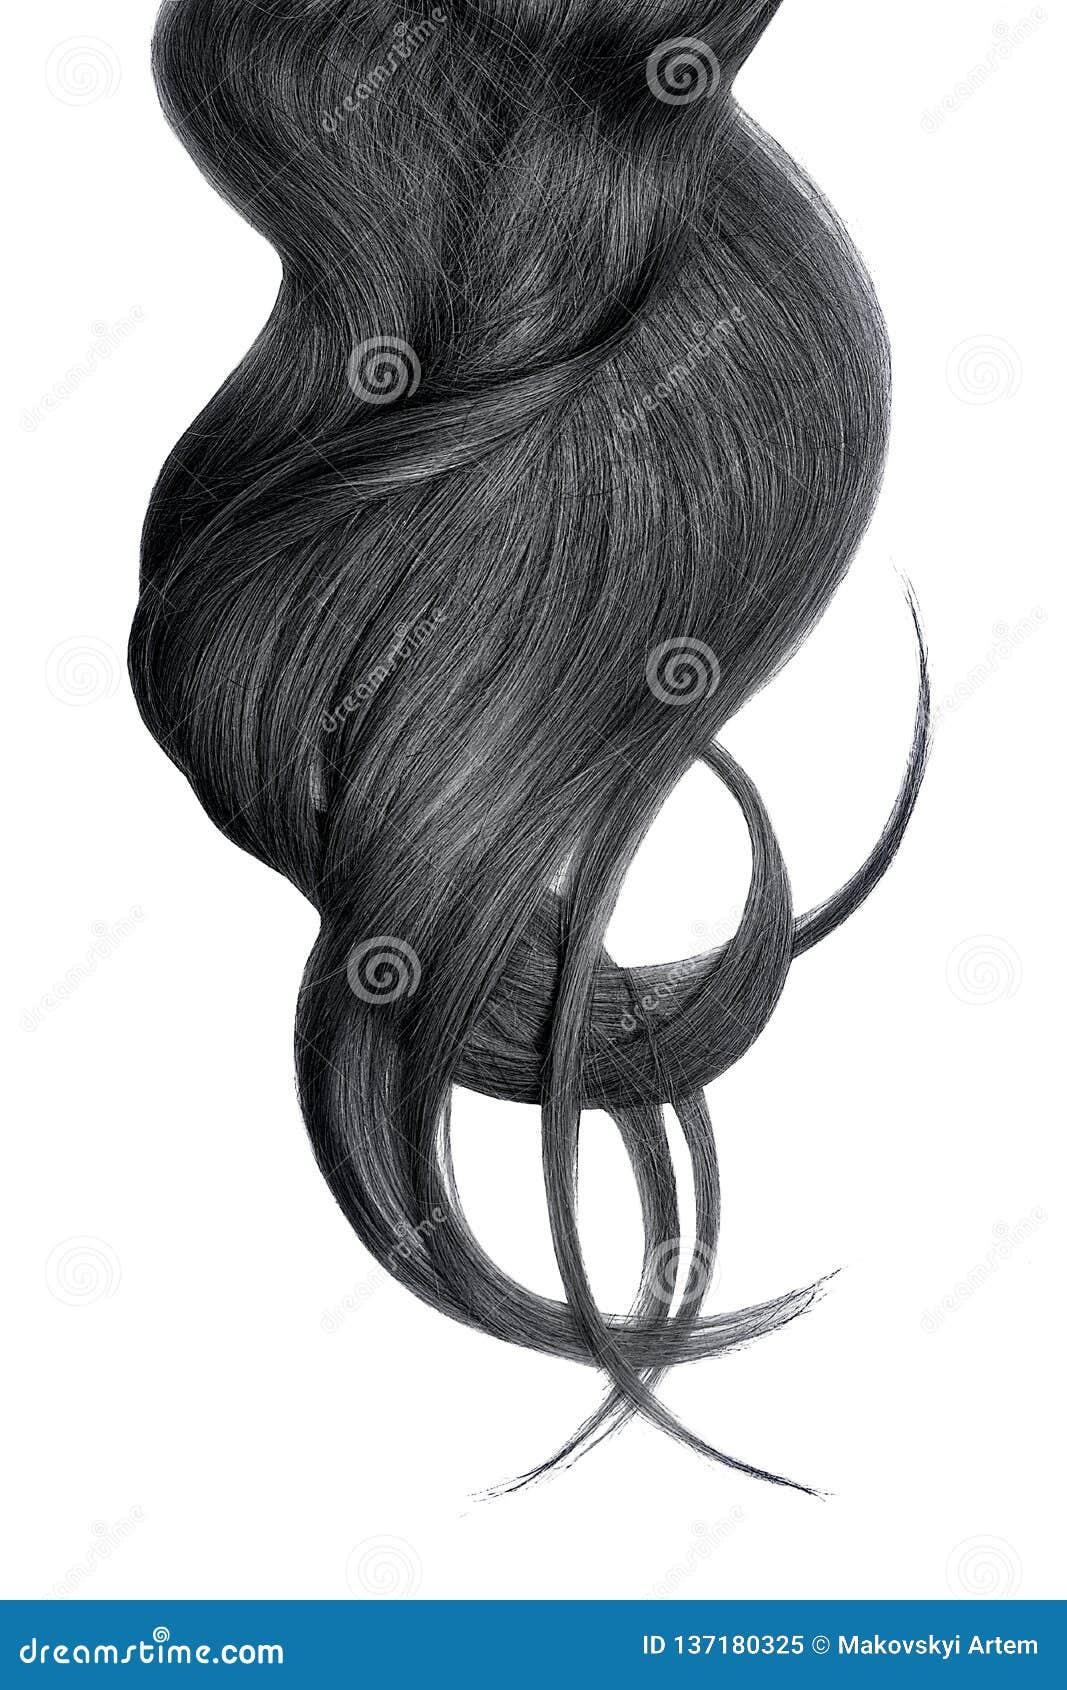 Cabelo preto luxúria isolado no fundo branco